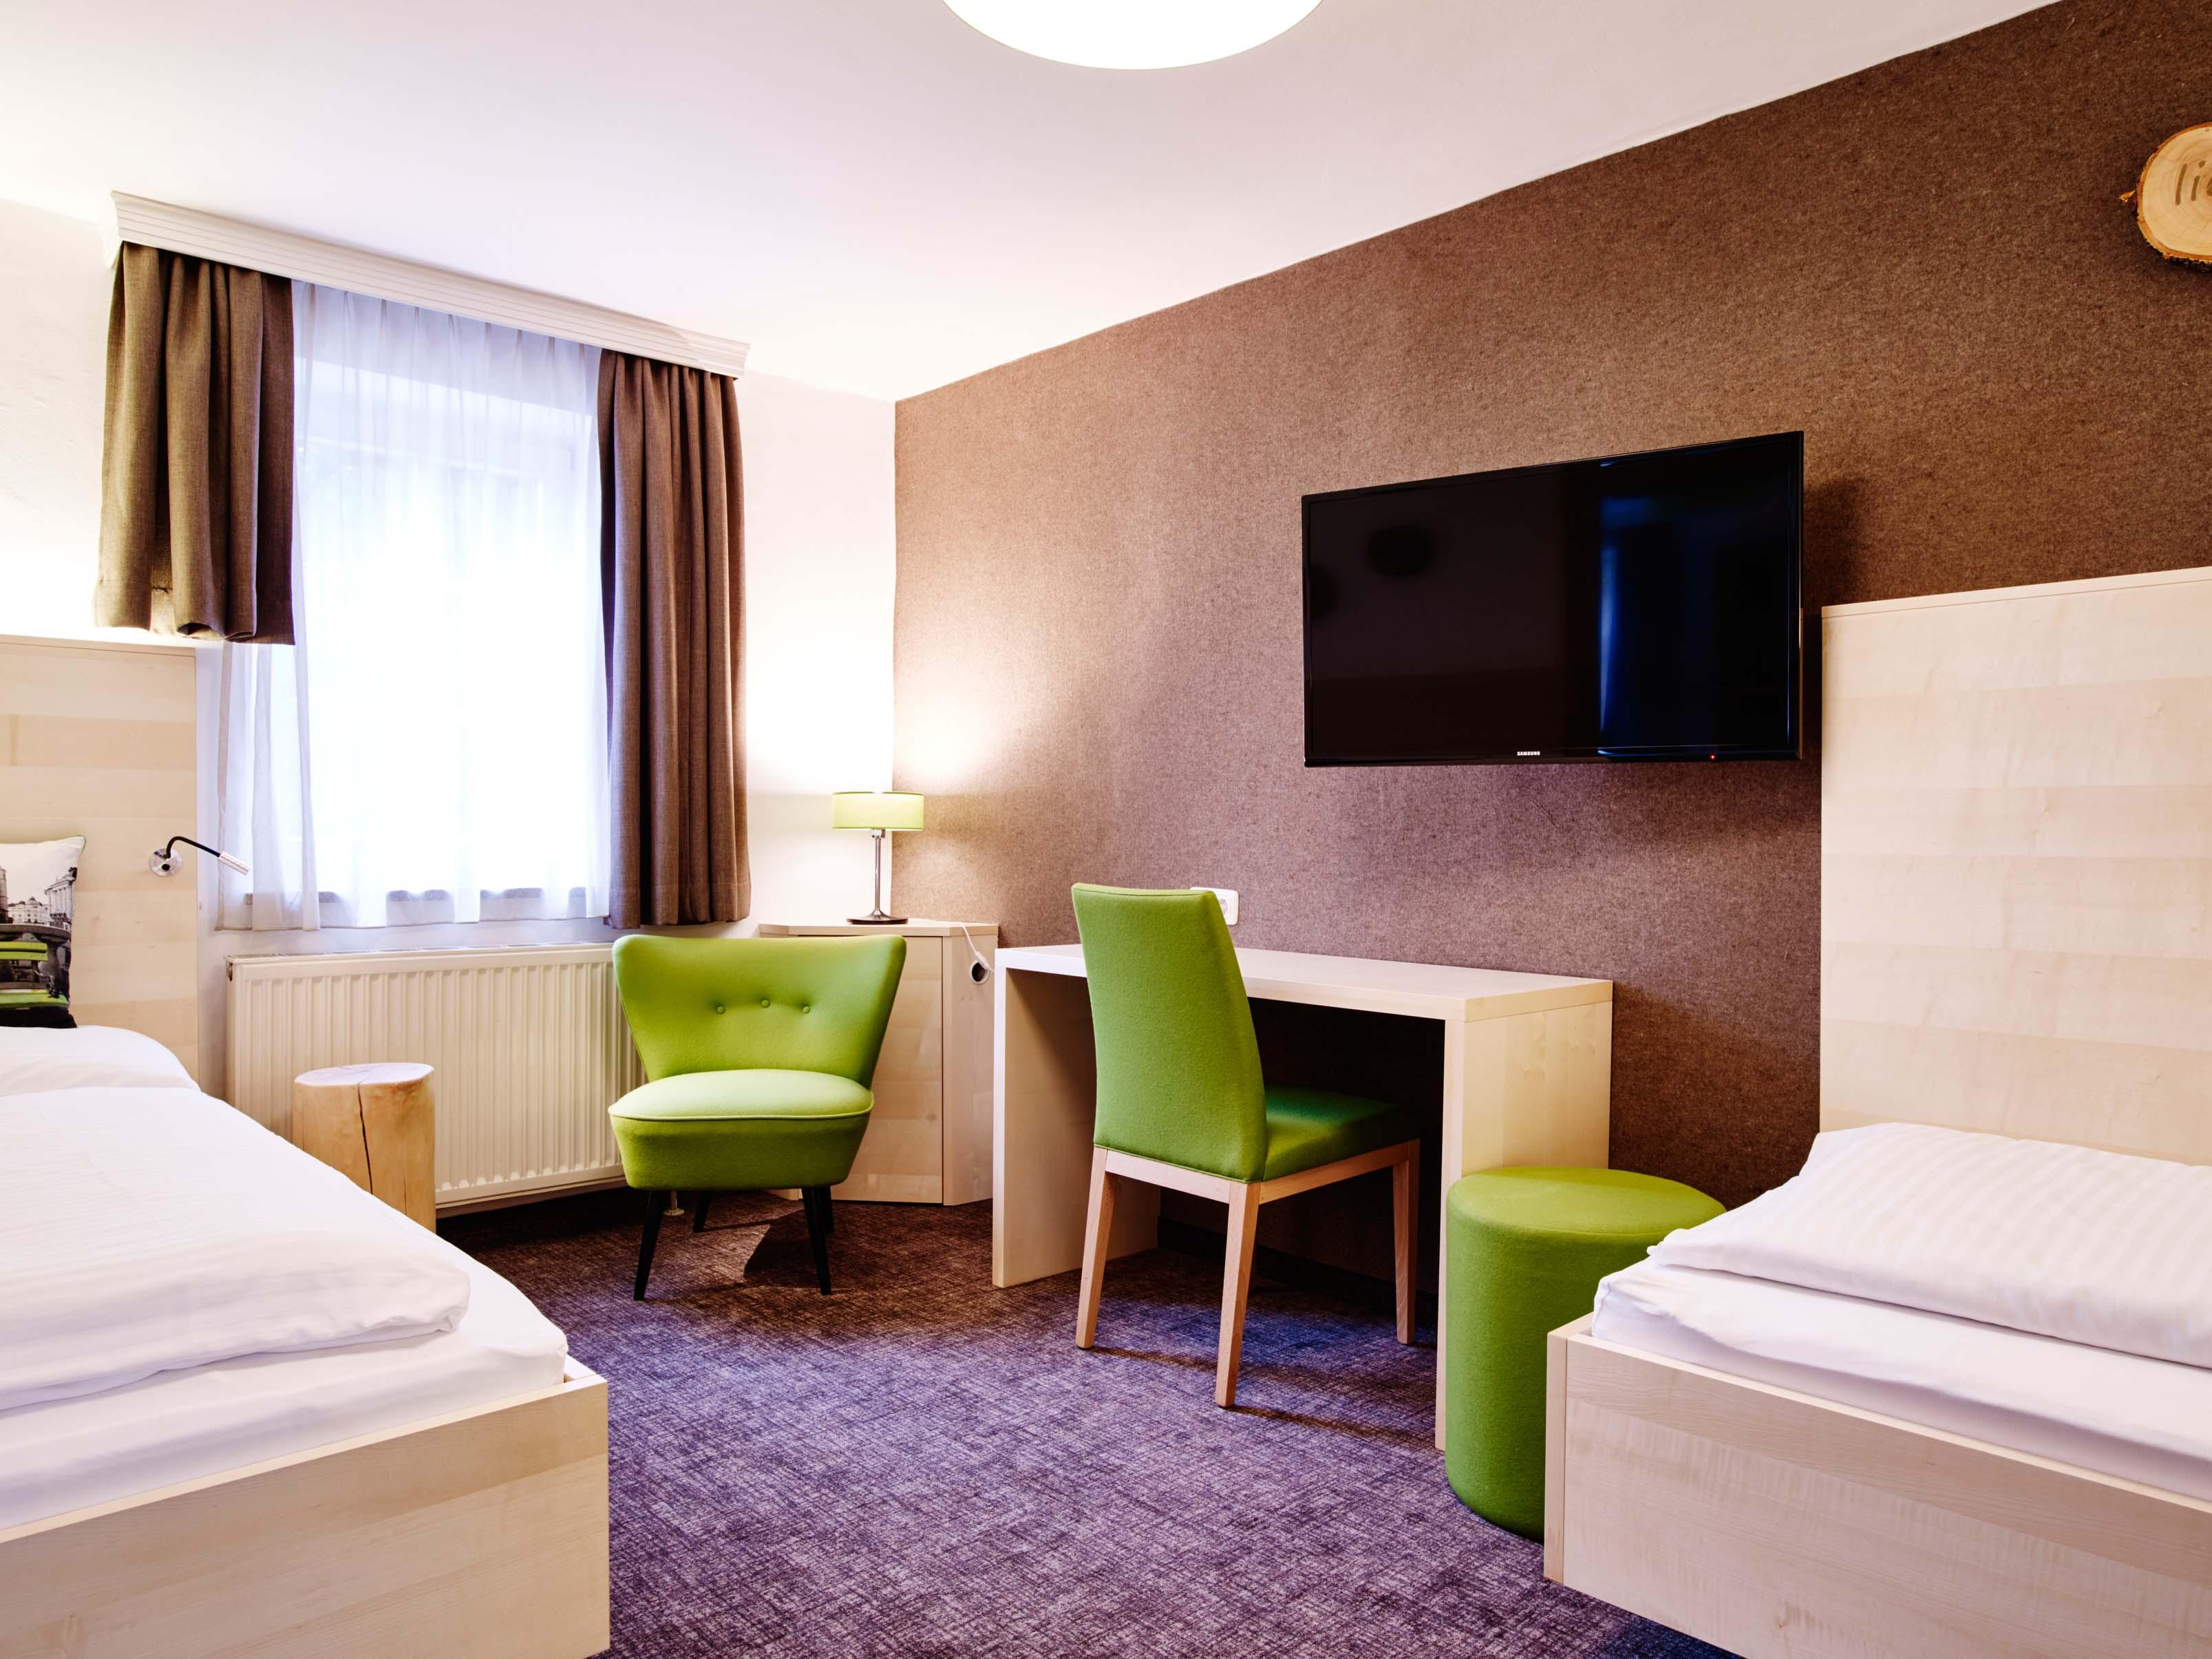 2015_06_08_Hotel_Zur_Post_Salzburg70463-Kopie